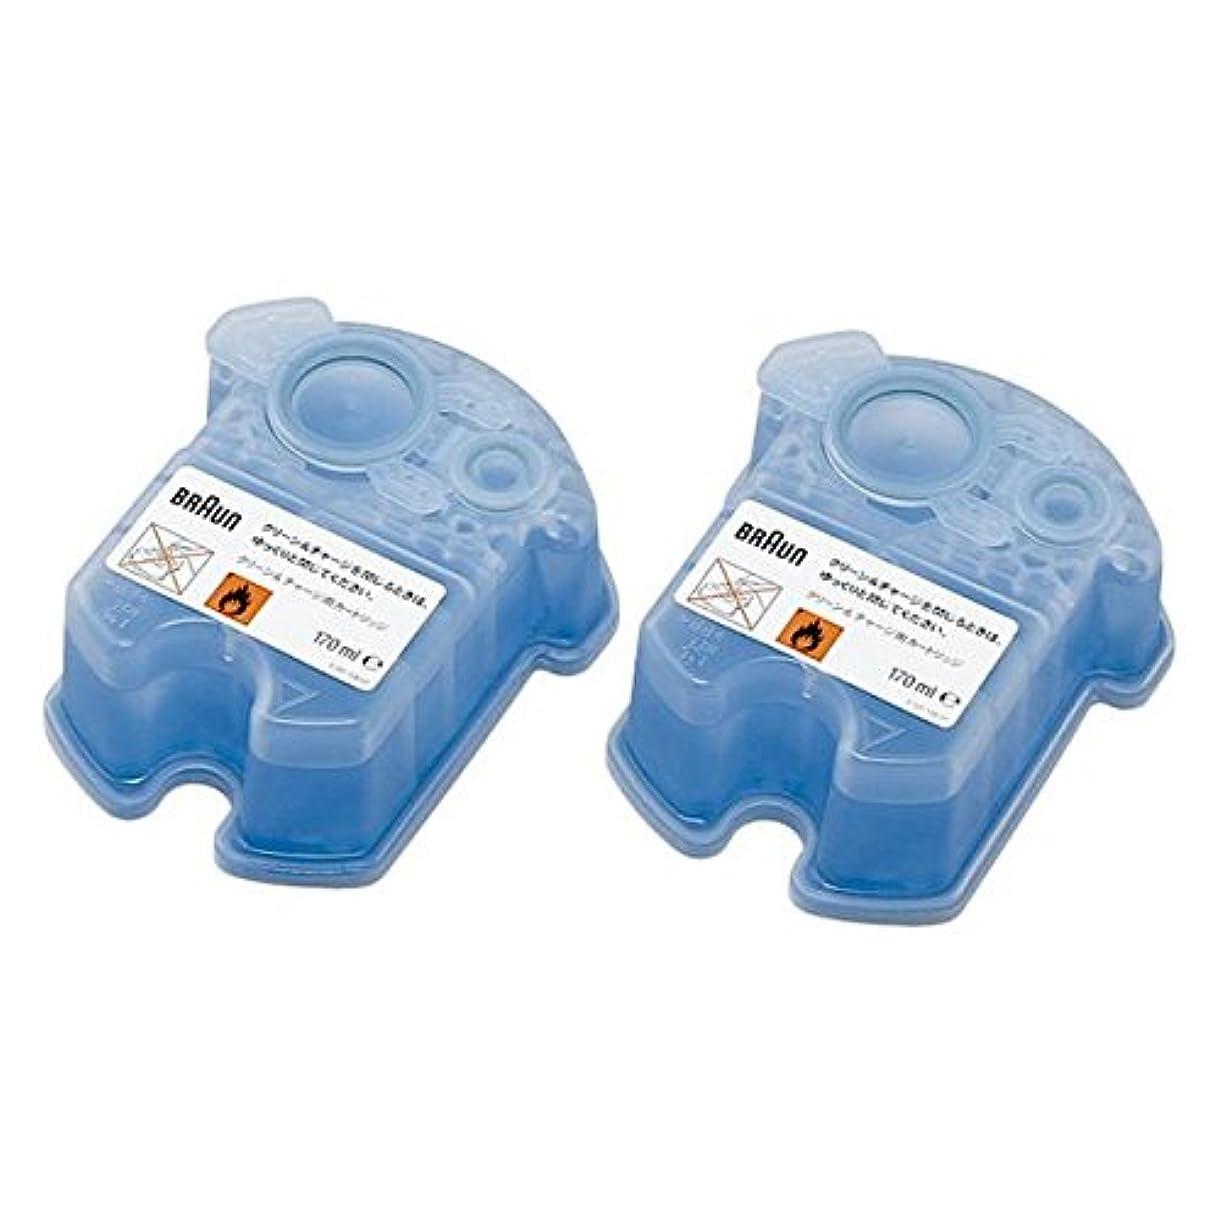 単なる引き潮発行するBRAUN(ブラウン) クリーン&リニュー専用 洗浄液カートリッジ CCR2CR 2個入 家電 生活家電 [並行輸入品]